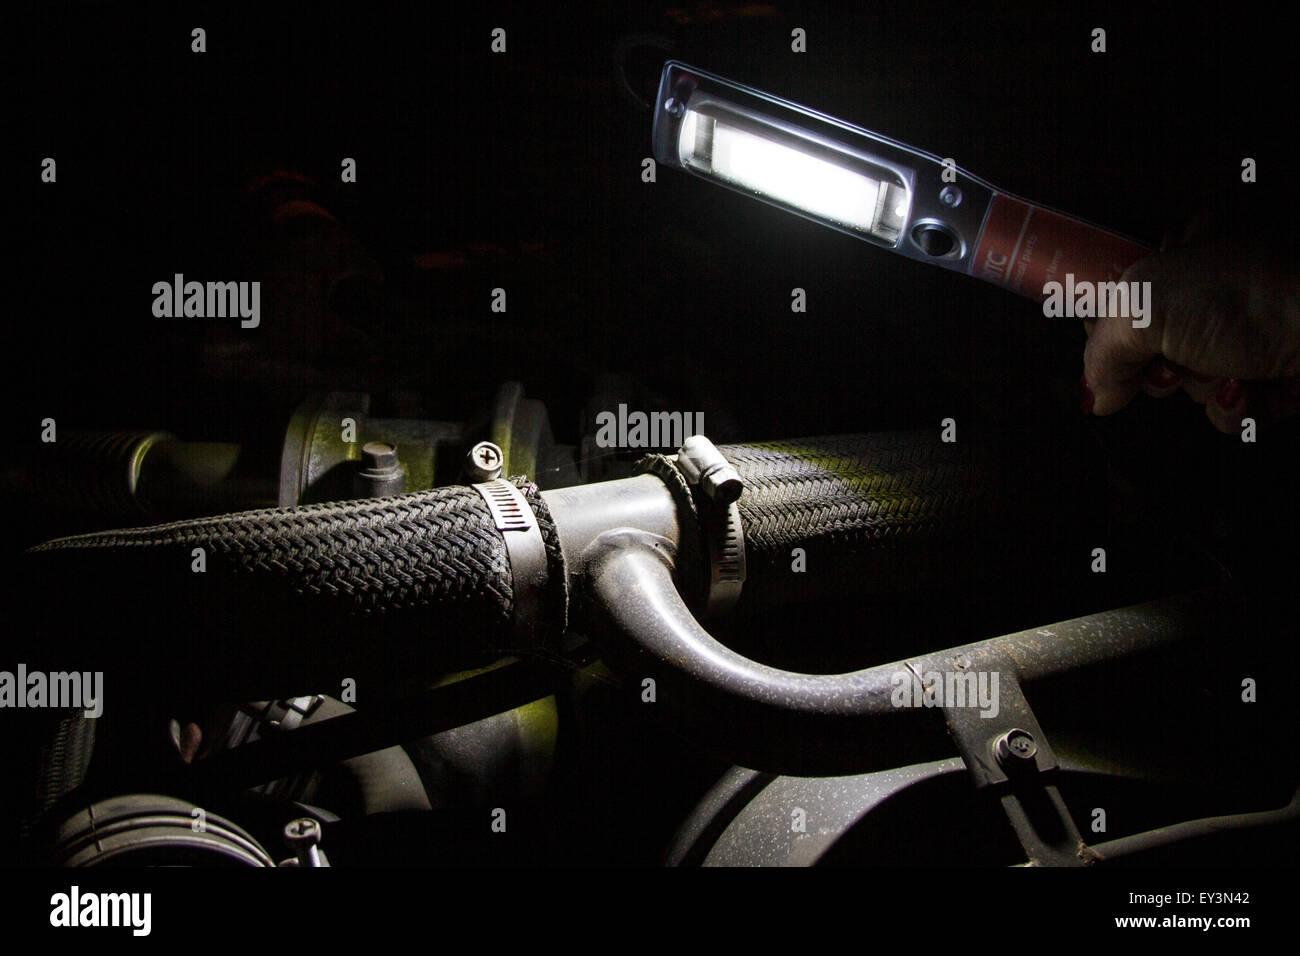 LED Lampe Oder Fackel Beleuchtung Innen Eines LKW Oder Auto Motor